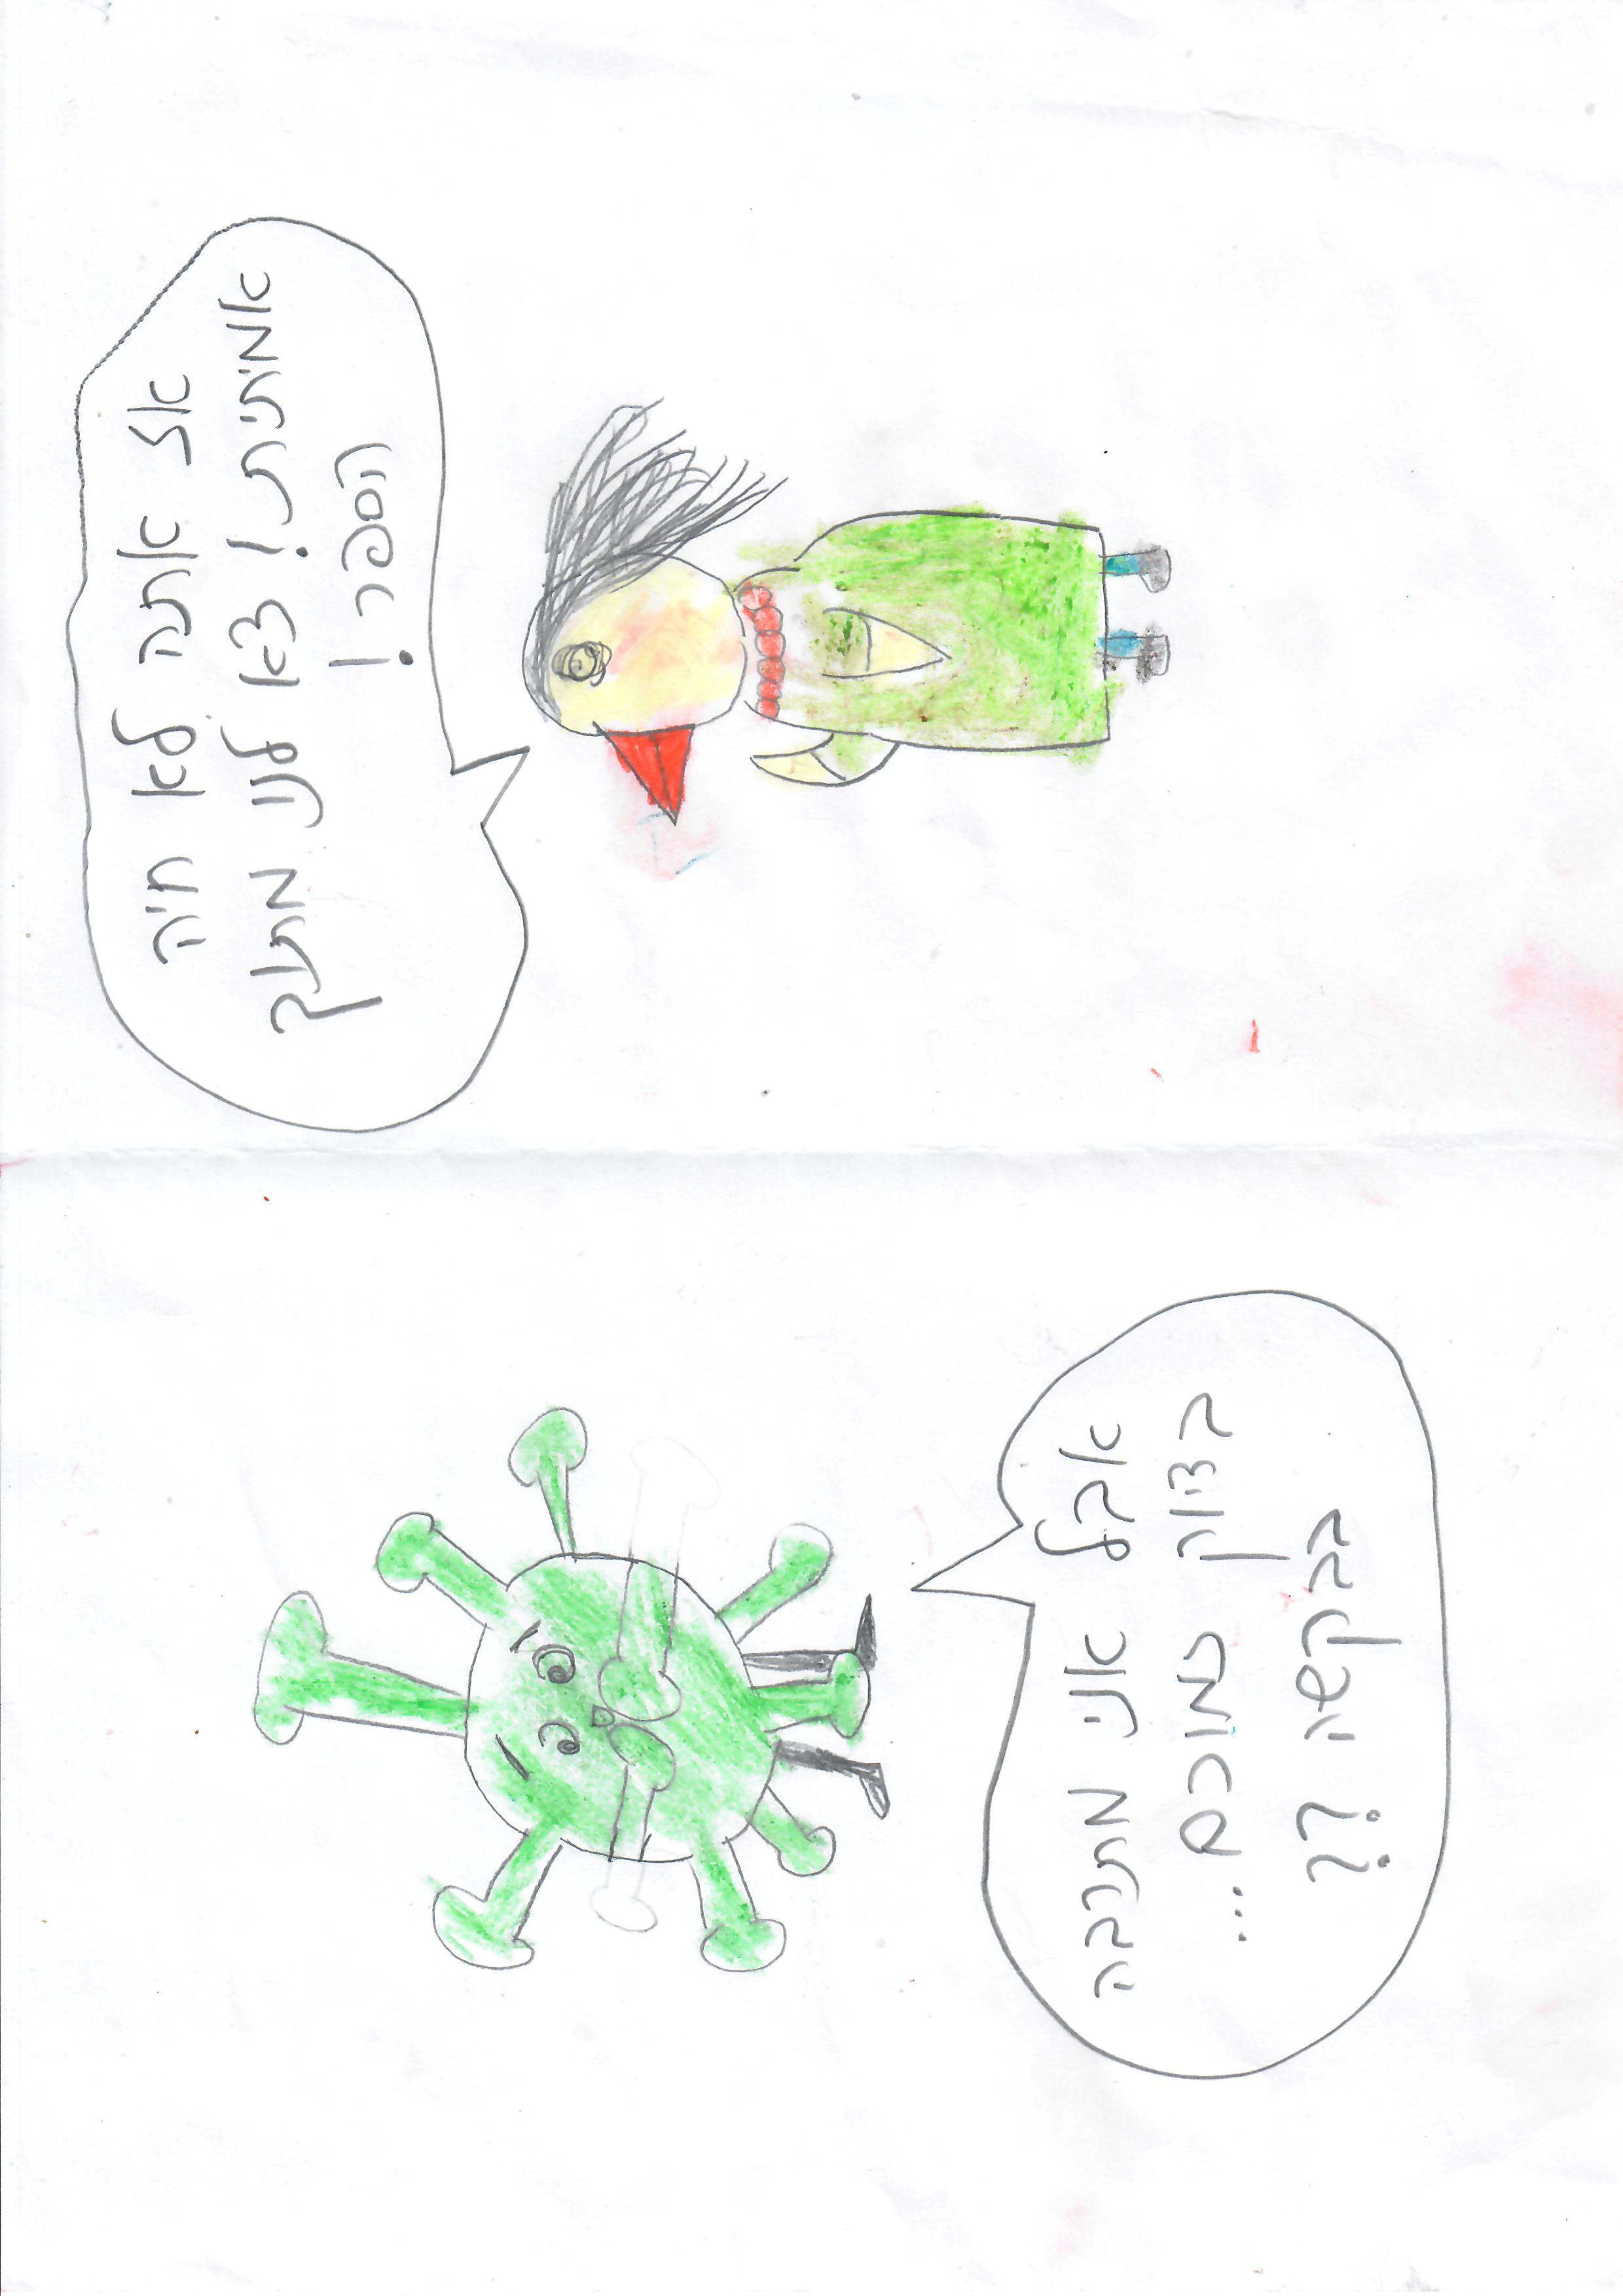 אלף בית של חיות אמיתיות בלבד by pnina - Illustrated by פנינה ועדן גפן - Ourboox.com